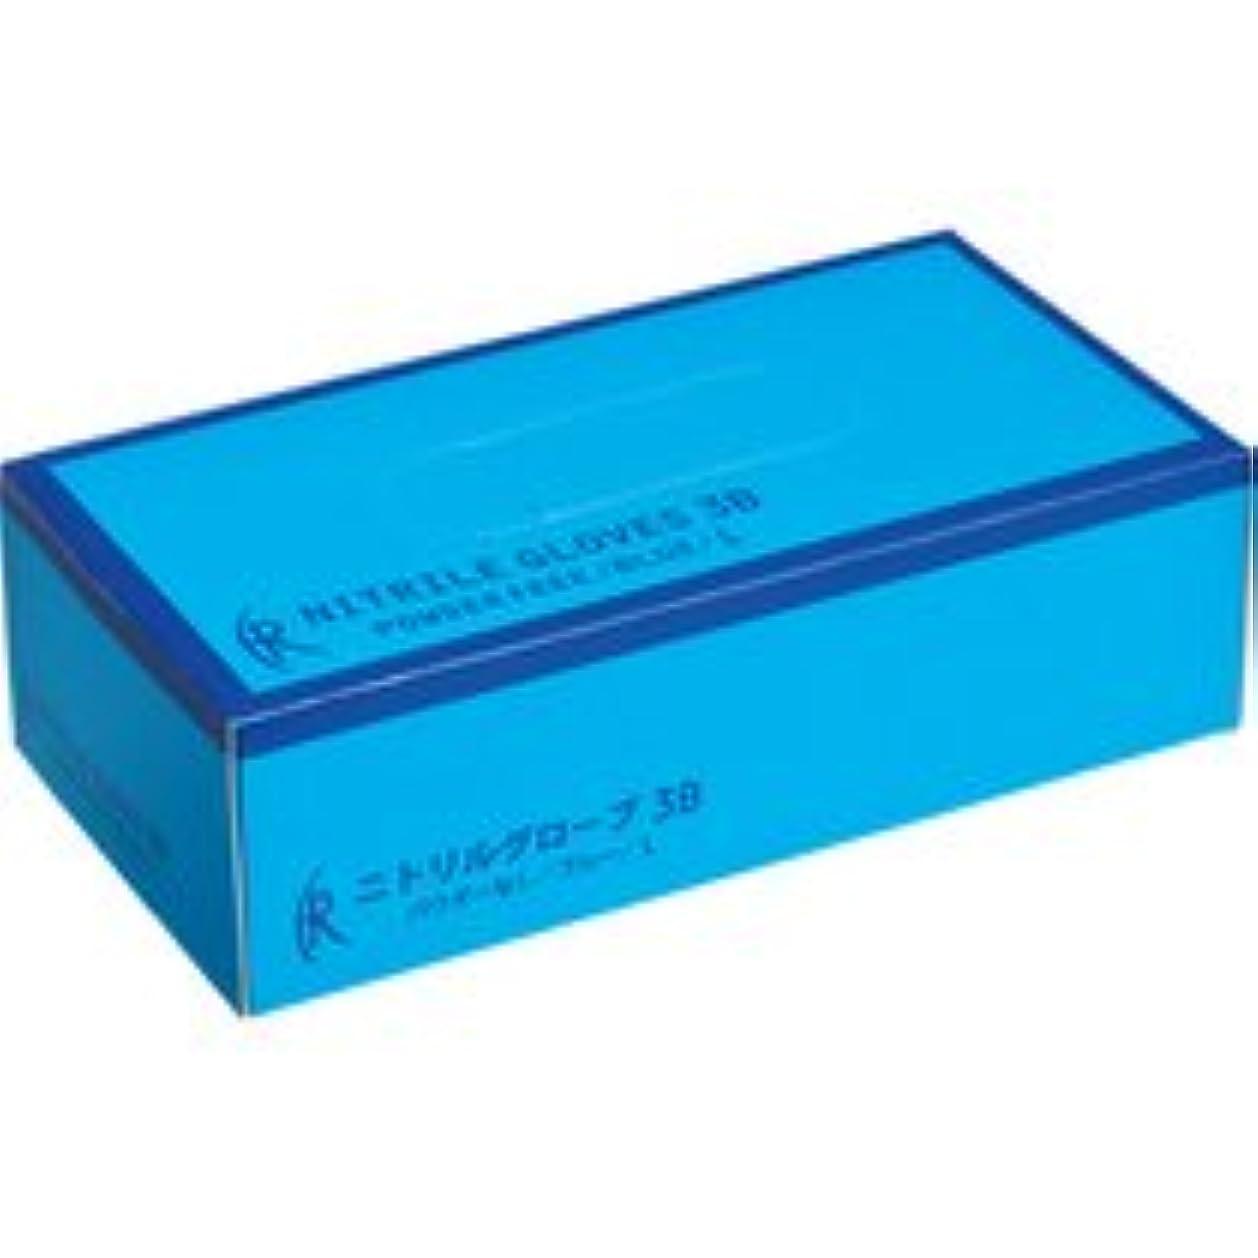 ボス有利家具ファーストレイト ニトリルグローブ3B パウダーフリー L FR-5663 1箱(200枚)